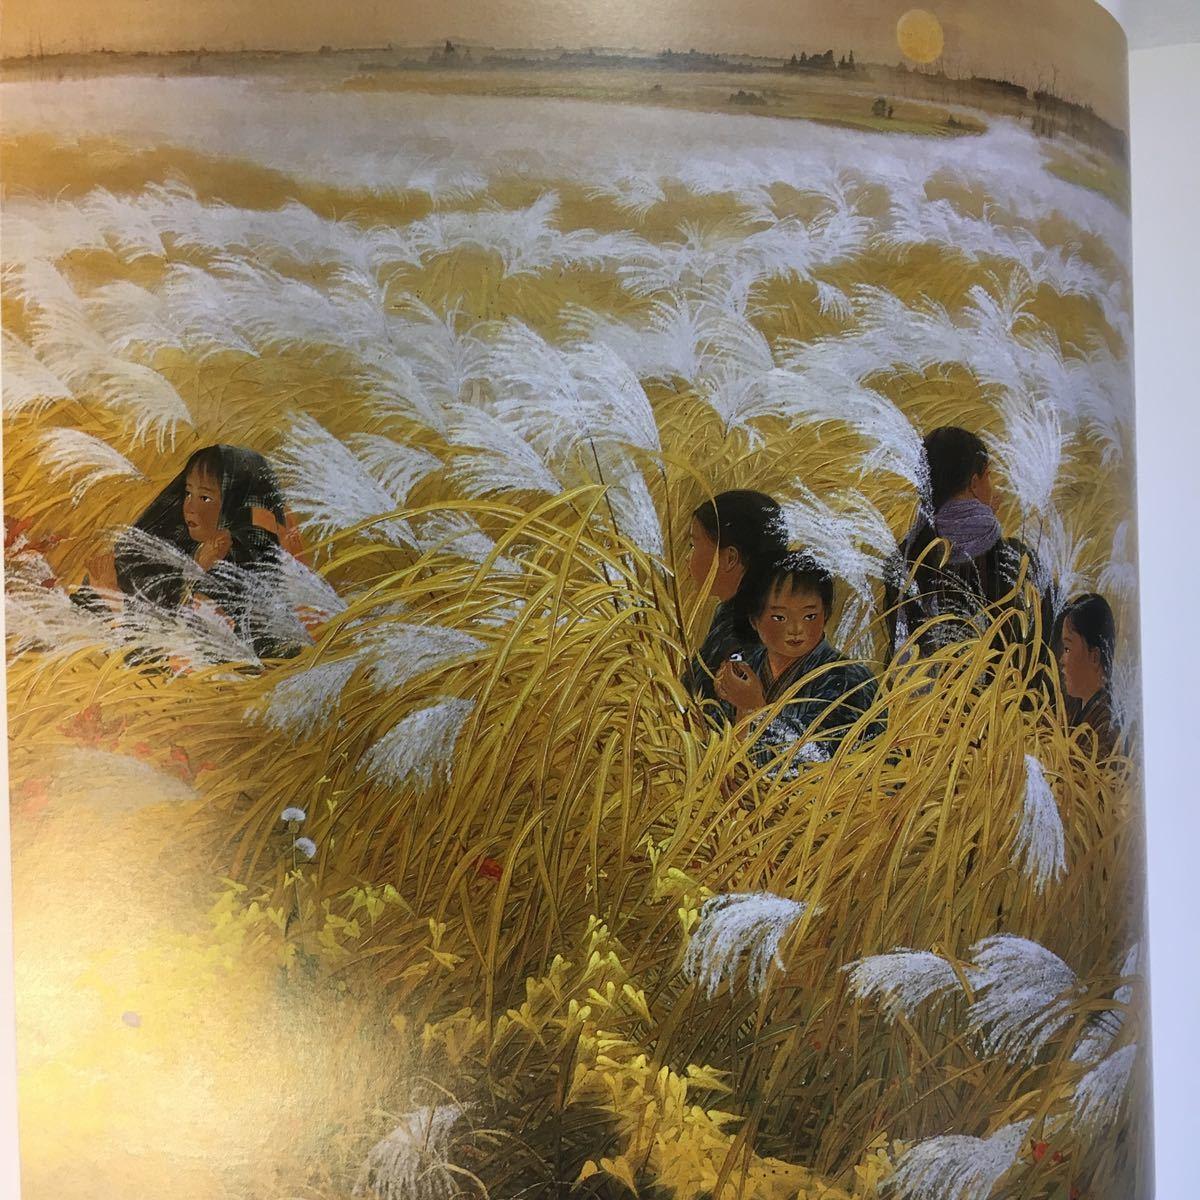 回顧展「杉山寧展」1987年富山県近代美術館 初期の図録_画像5